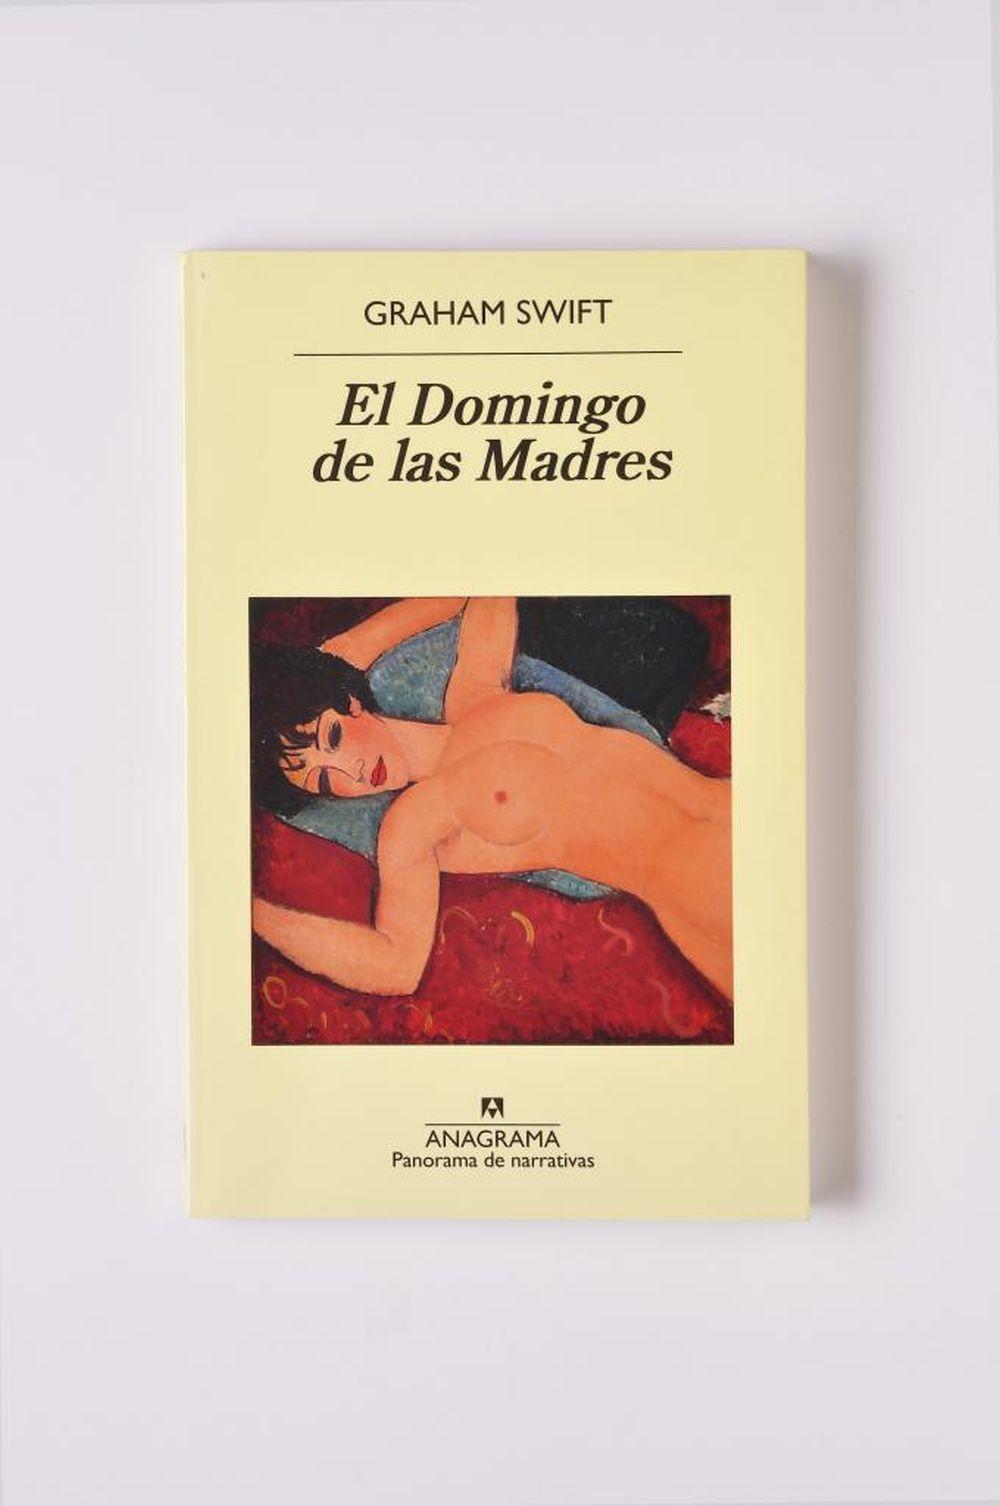 'El Domingo de las Madres', Graham Swift